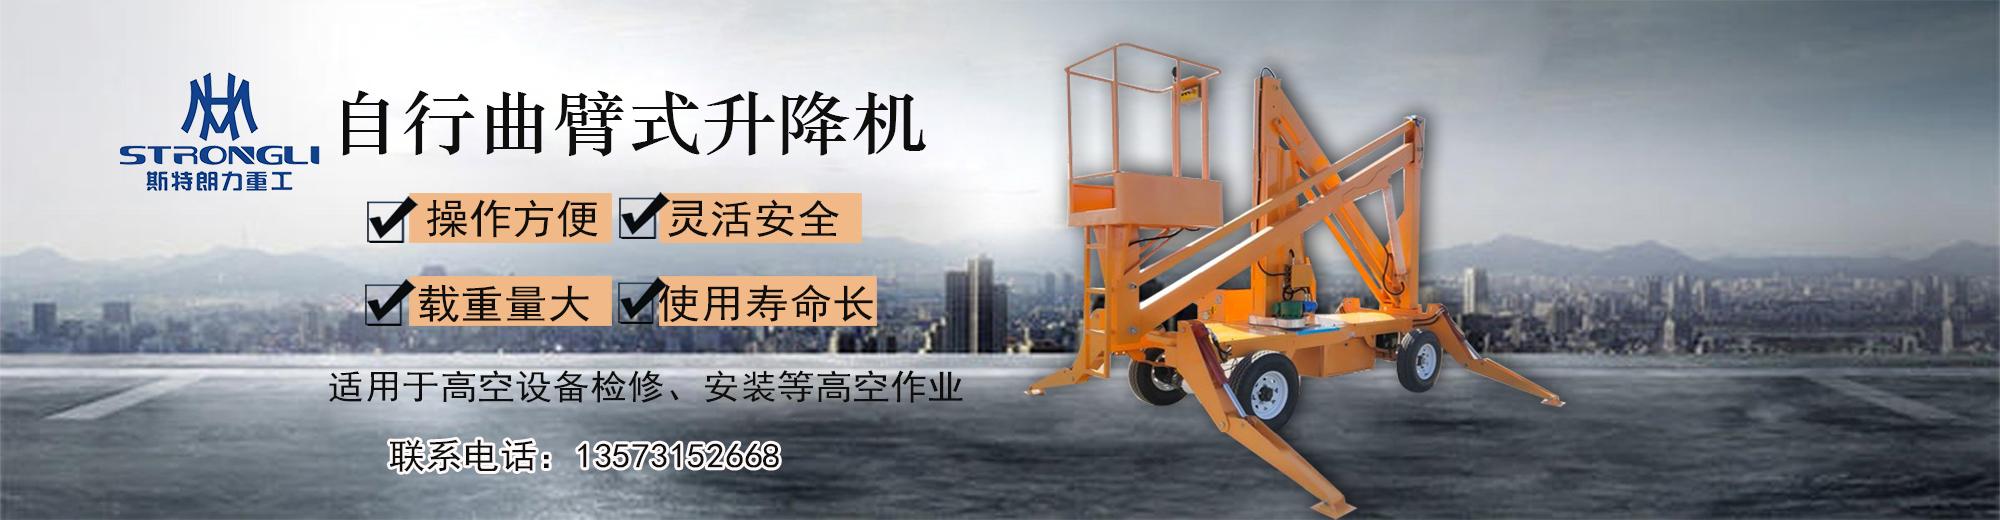 斯特朗力(山东)重工机械有限公司